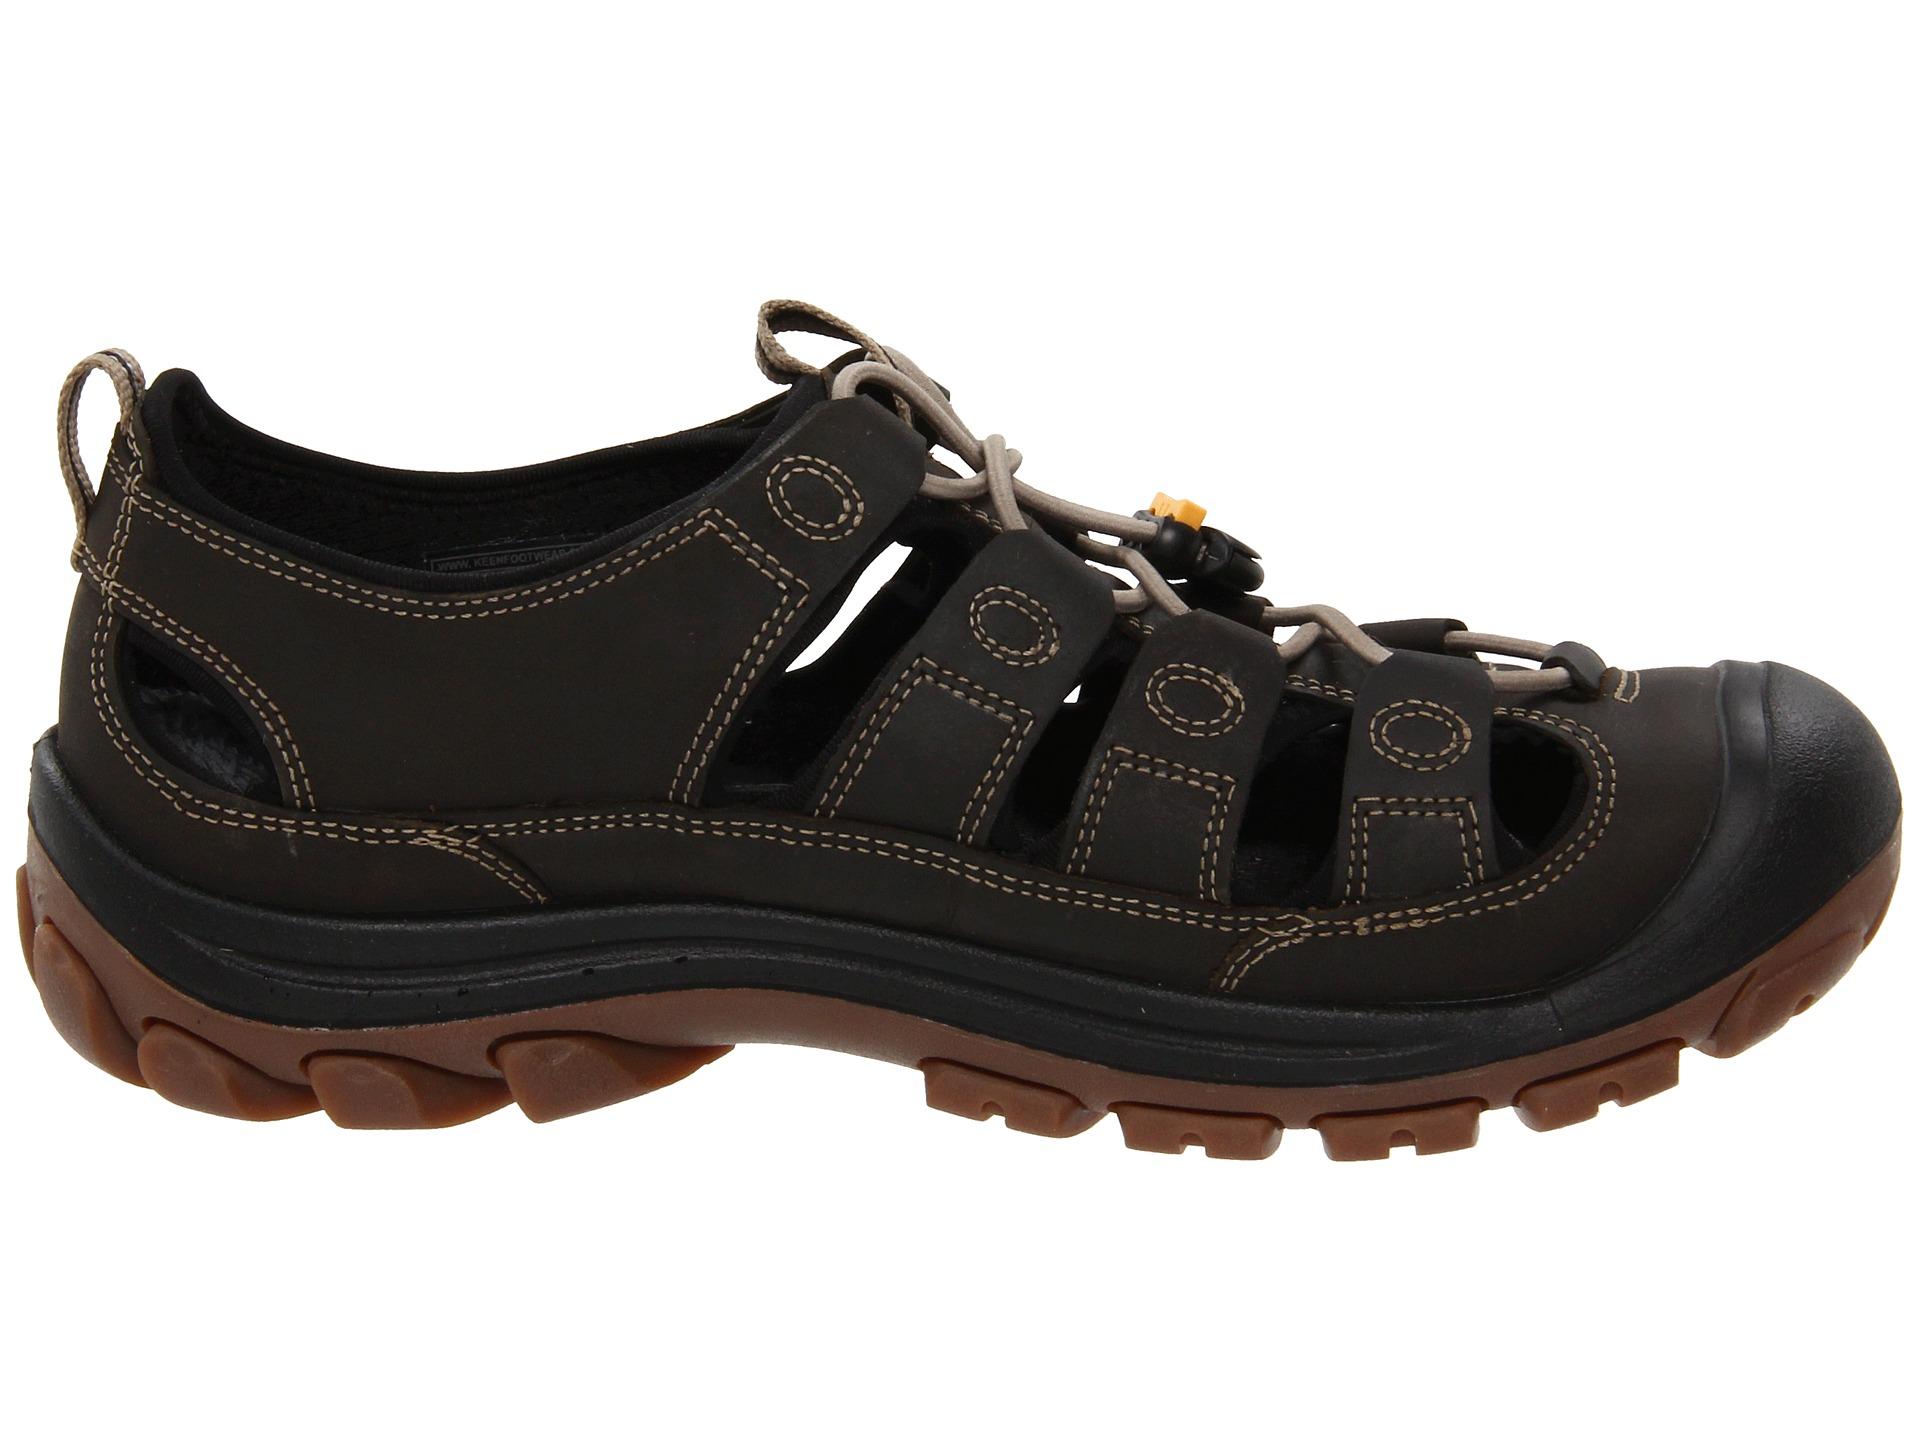 b35af0cb976c Lyst - Keen Glisan Sandal in Black for Men